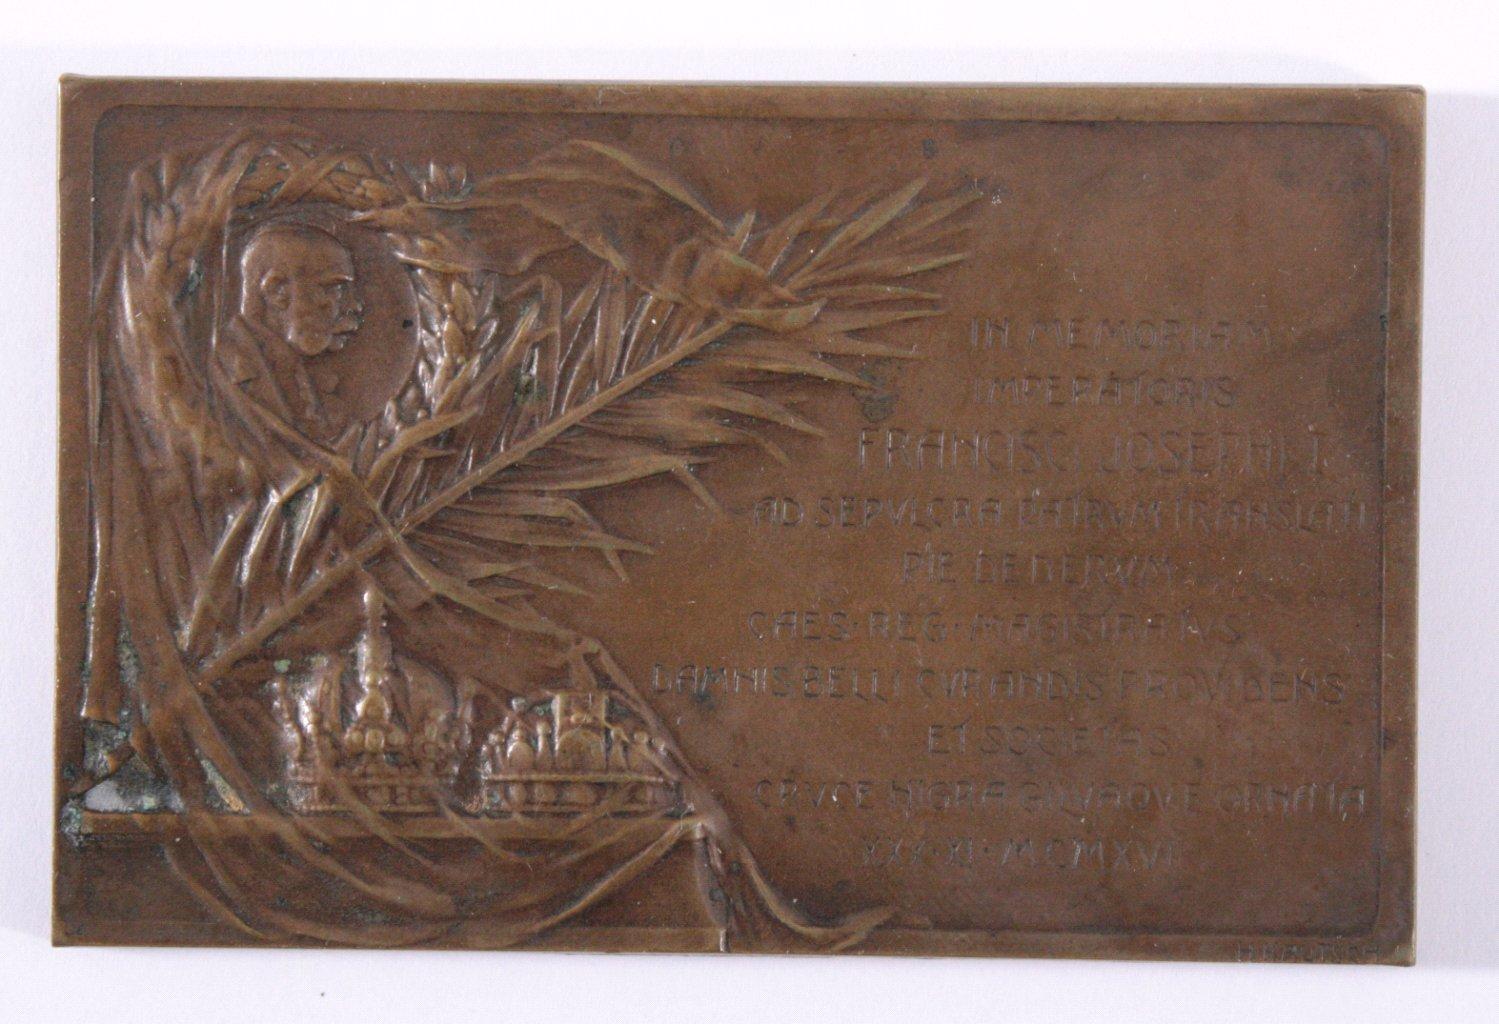 Plakette franz joseph 1916 in memoriam badisches for Otto kautsch